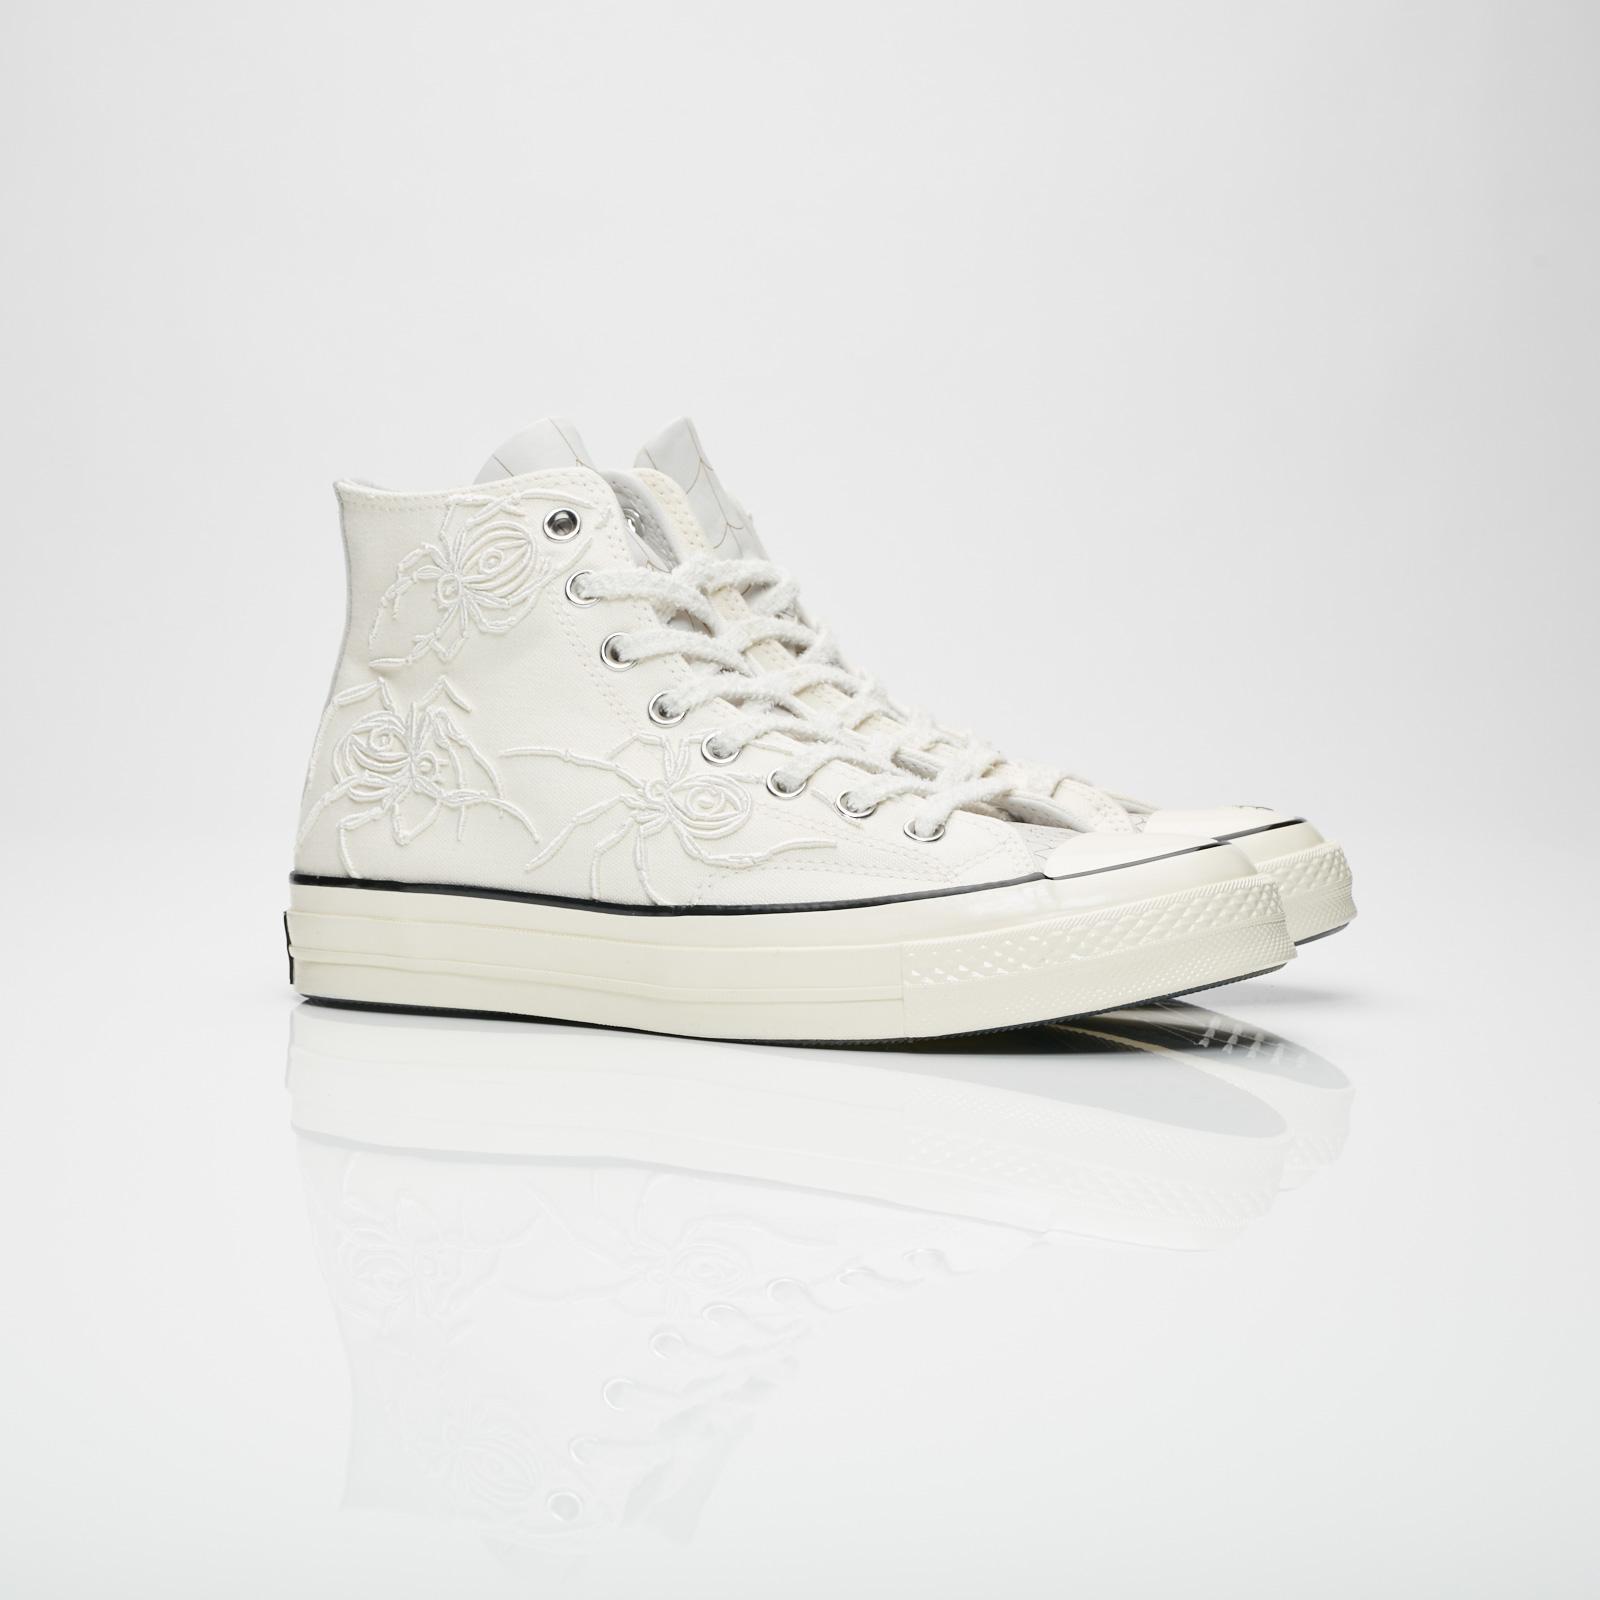 cfc322bac111 Converse Chuck Taylor 70 Hi x Dr. Woo - 160917c - Sneakersnstuff ...